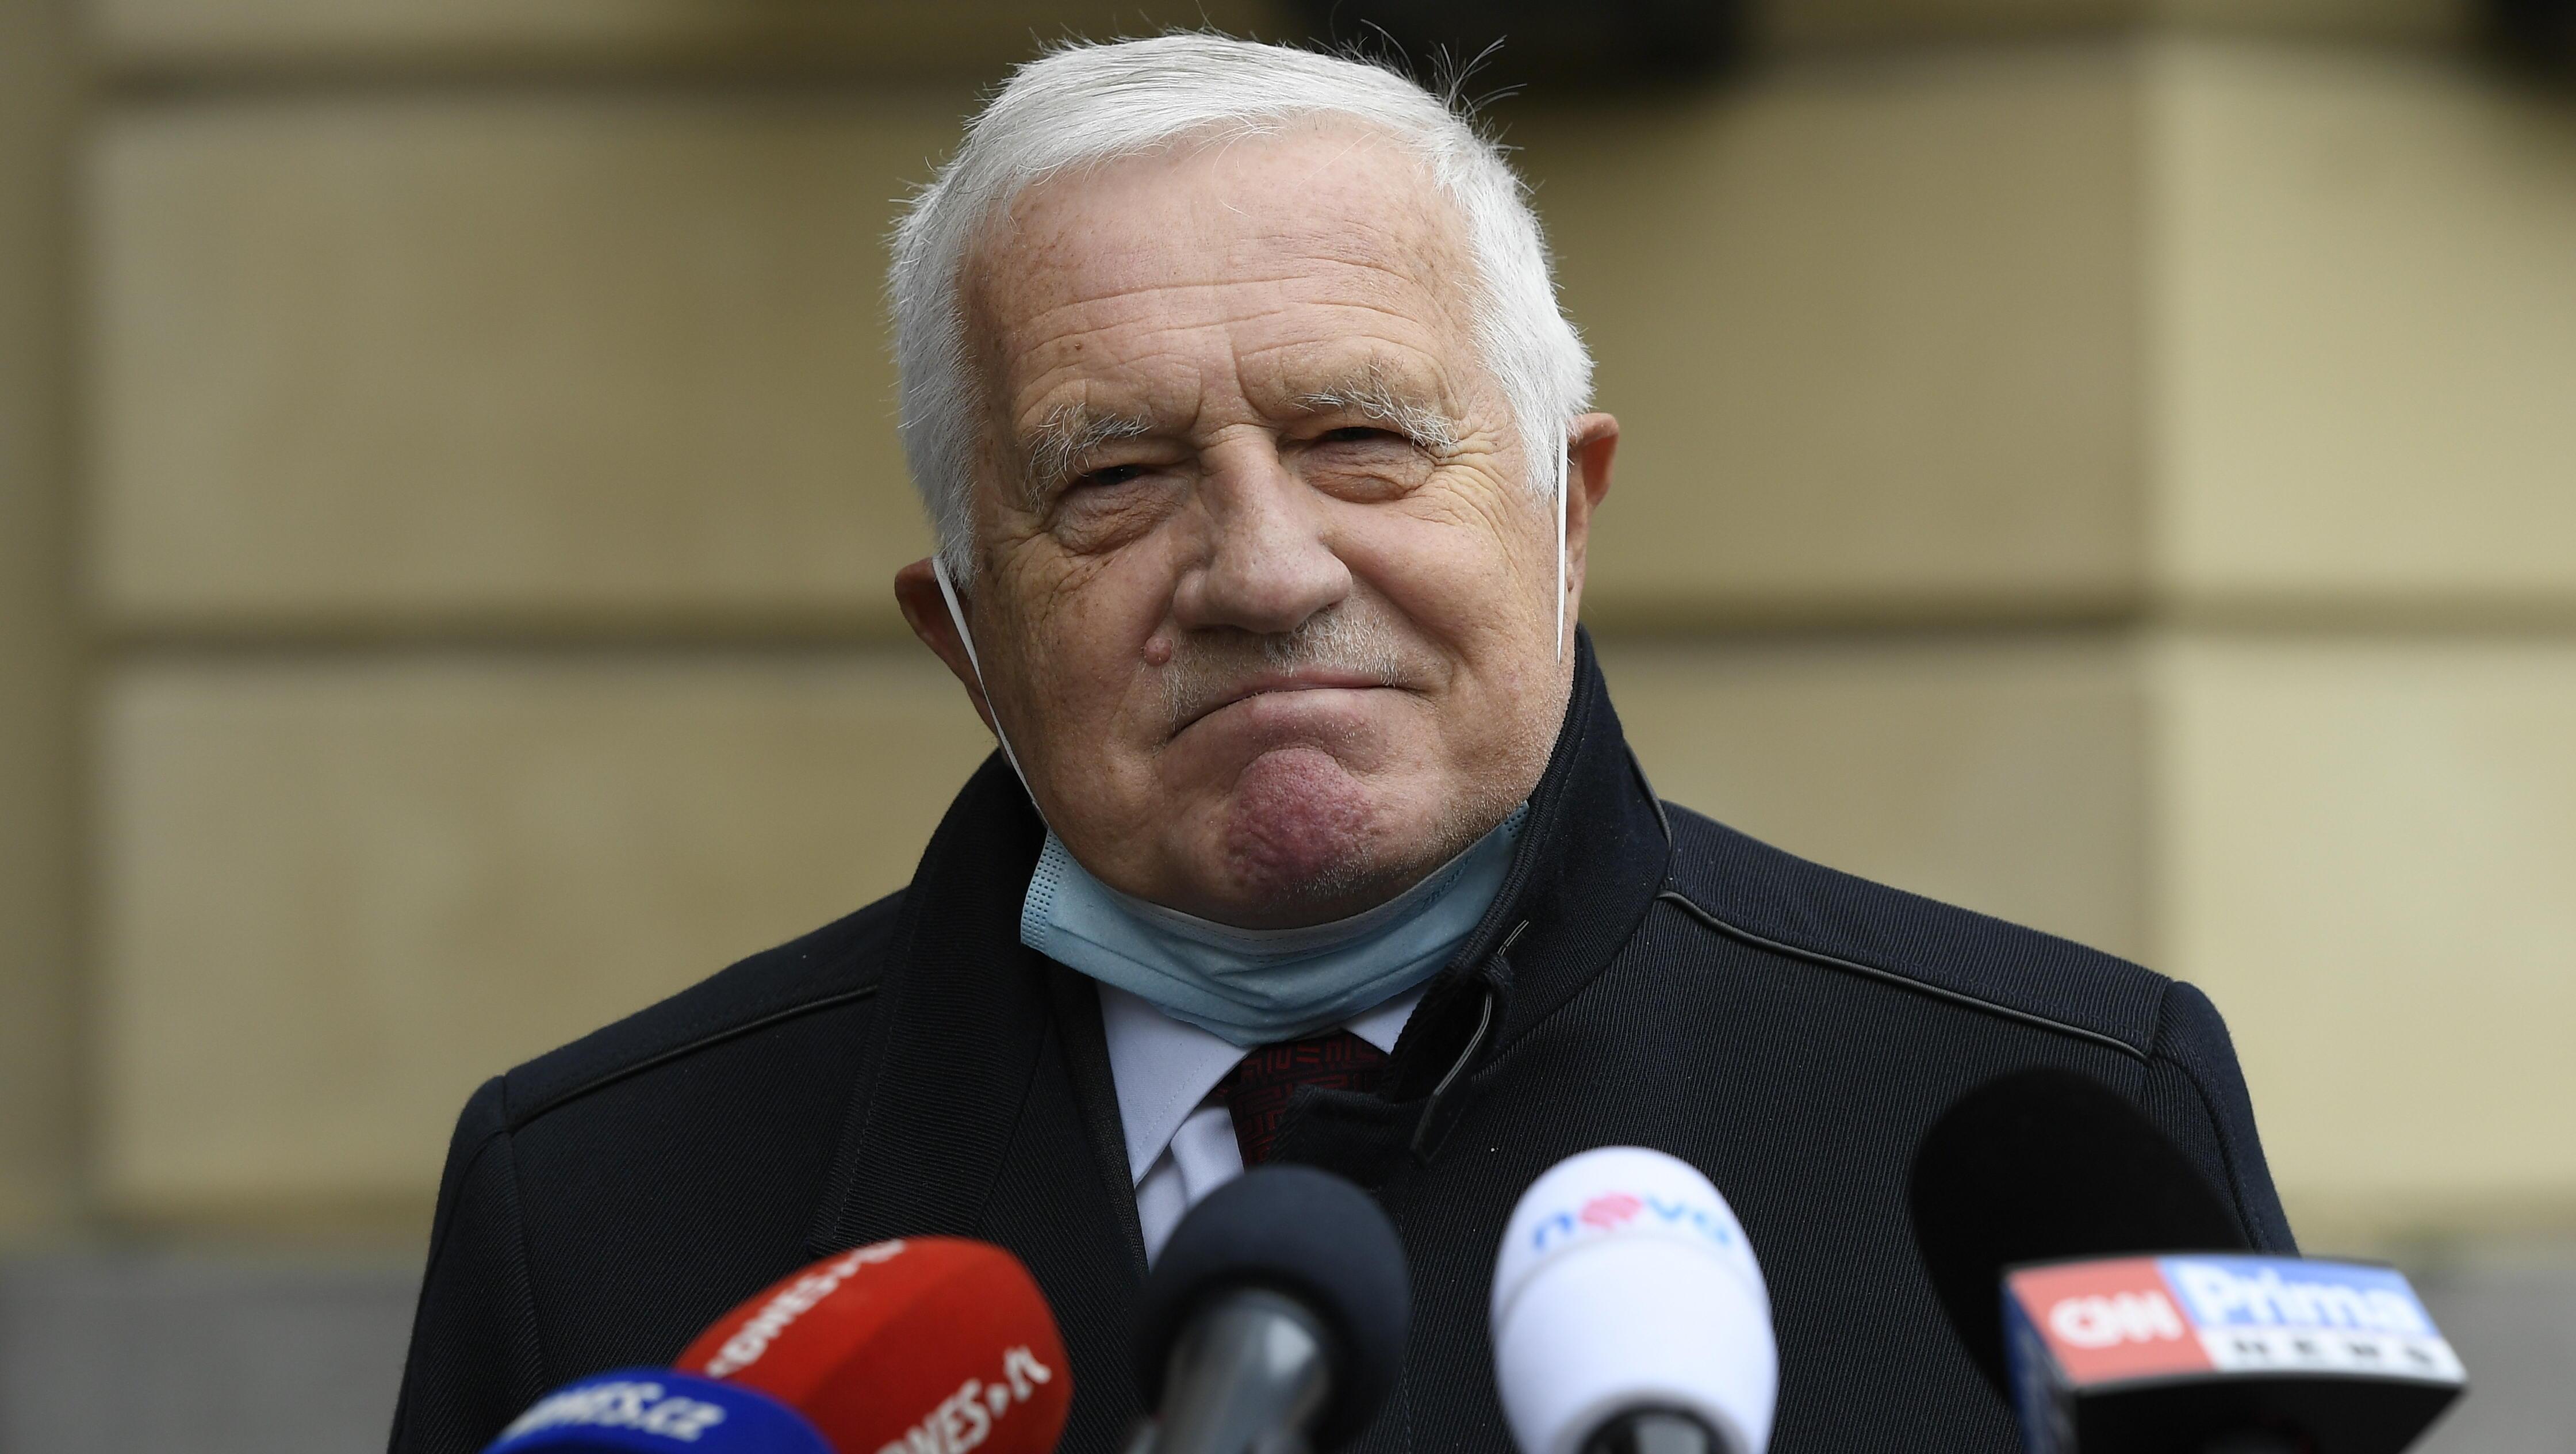 Maskenpflicht: Tschechischer Ex-Präsident Klaus muss 400 Euro Bußgeld zahlen